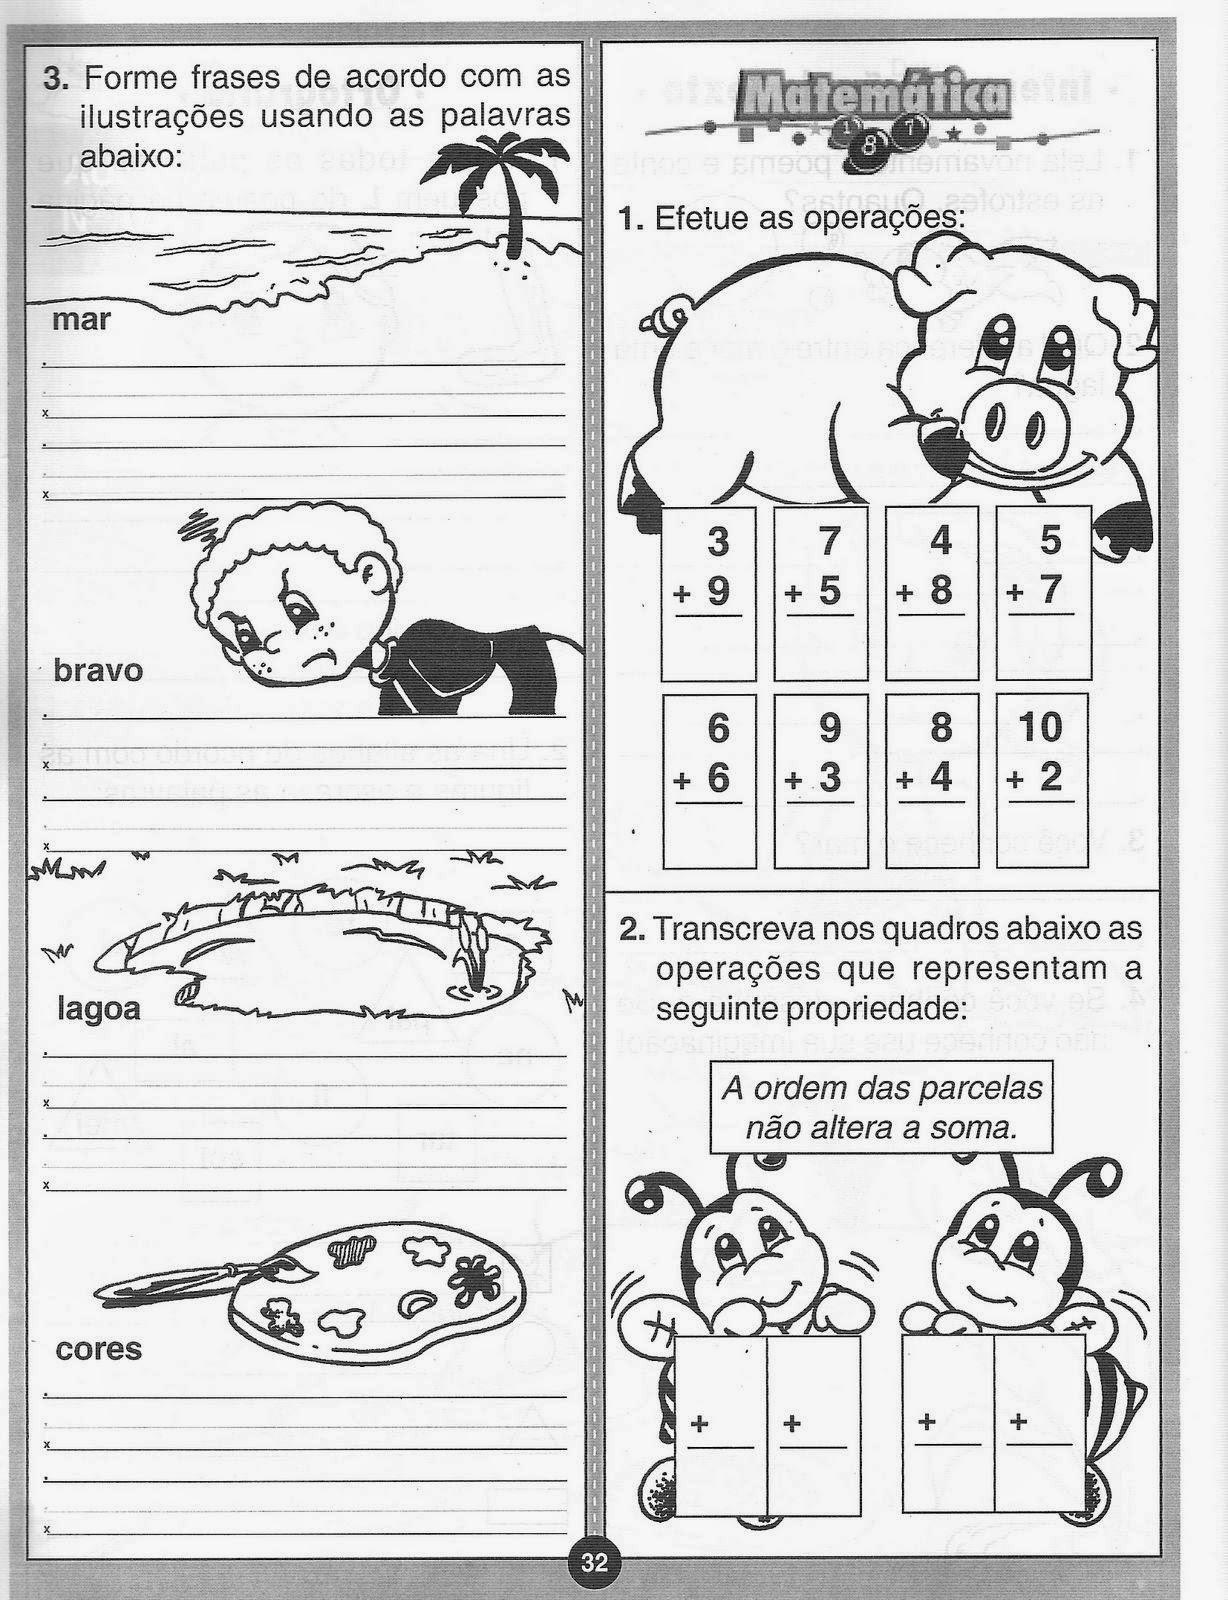 70 Atividades De Alfabetização Ed Infantil Pré Creche Bau De